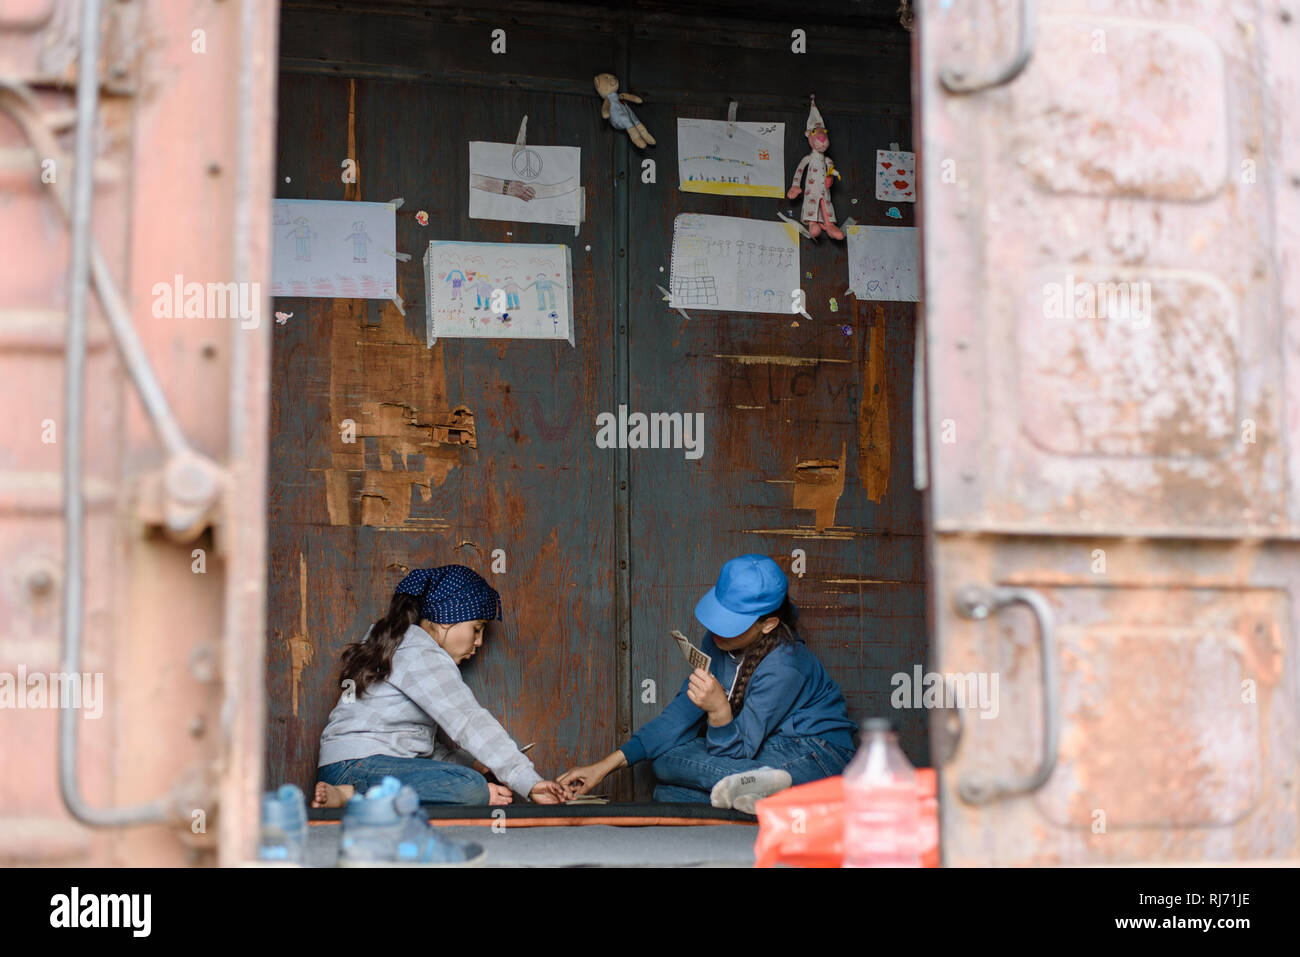 Zwei Schwestern spielen Karten um das ganze Chaos zu vergessen welches draussen herrscht. Flüchtlingscamp in Idomeni in Griechenland an der Grenze nac - Stock Image